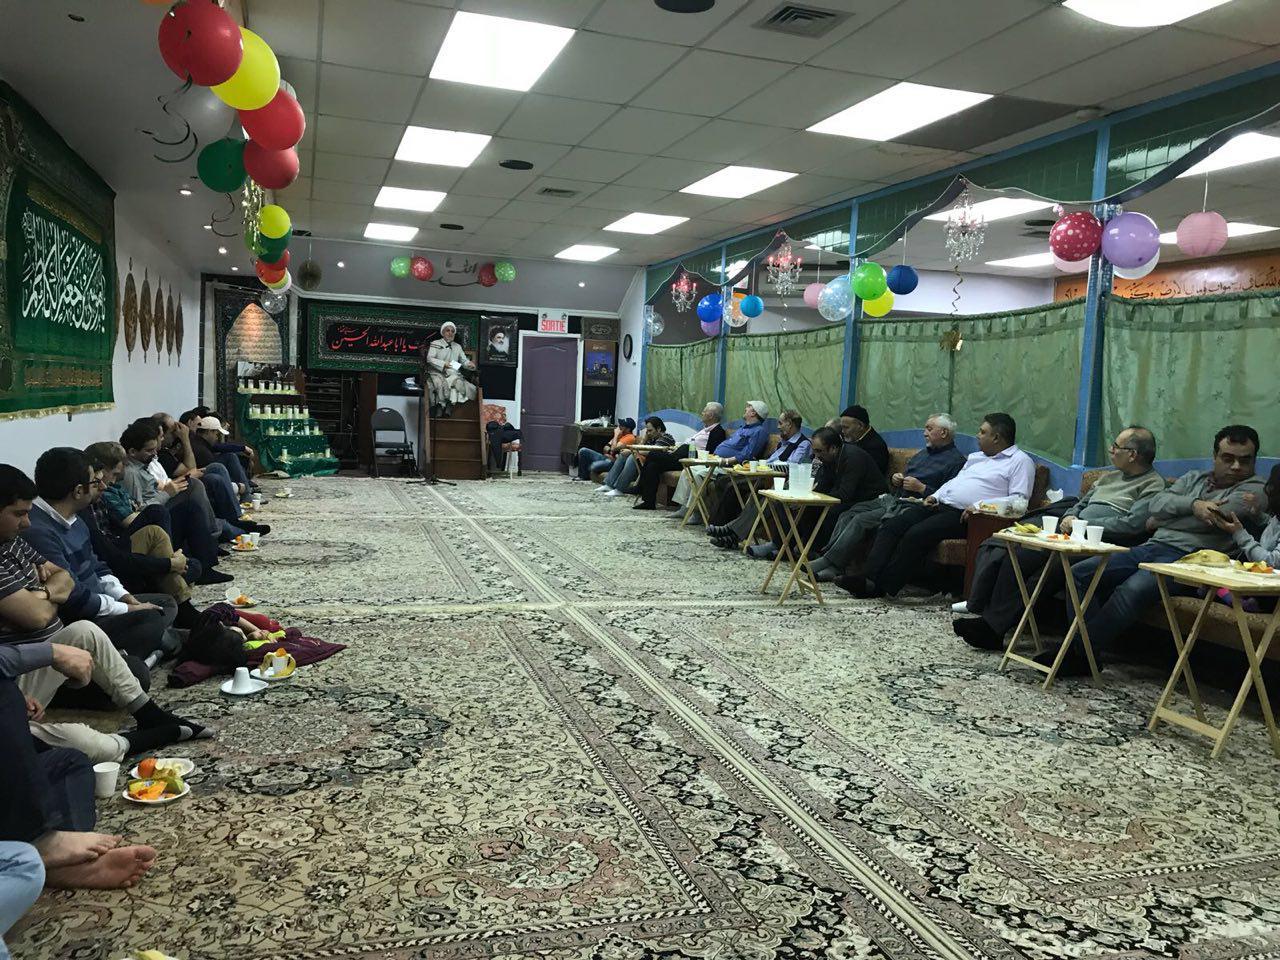 تصویر جشن اعیاد شعبانیه در مونترال در کانادا